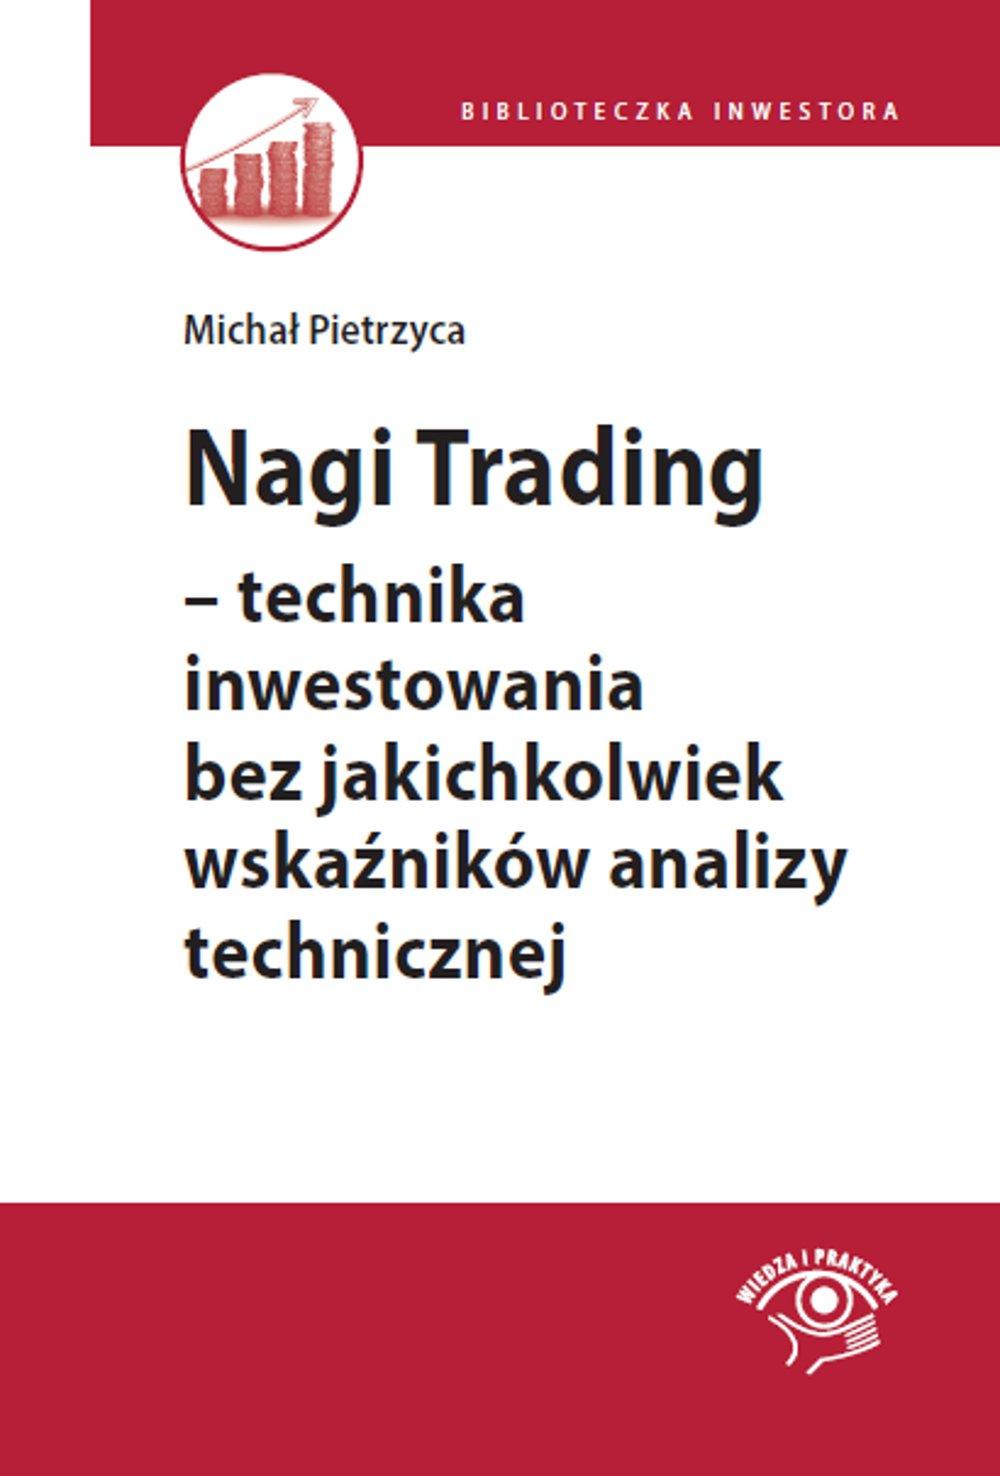 Nagi Trading - technika inwestowania bez jakichkolwiek wskaźników analizy technicznej - Ebook (Książka PDF) do pobrania w formacie PDF